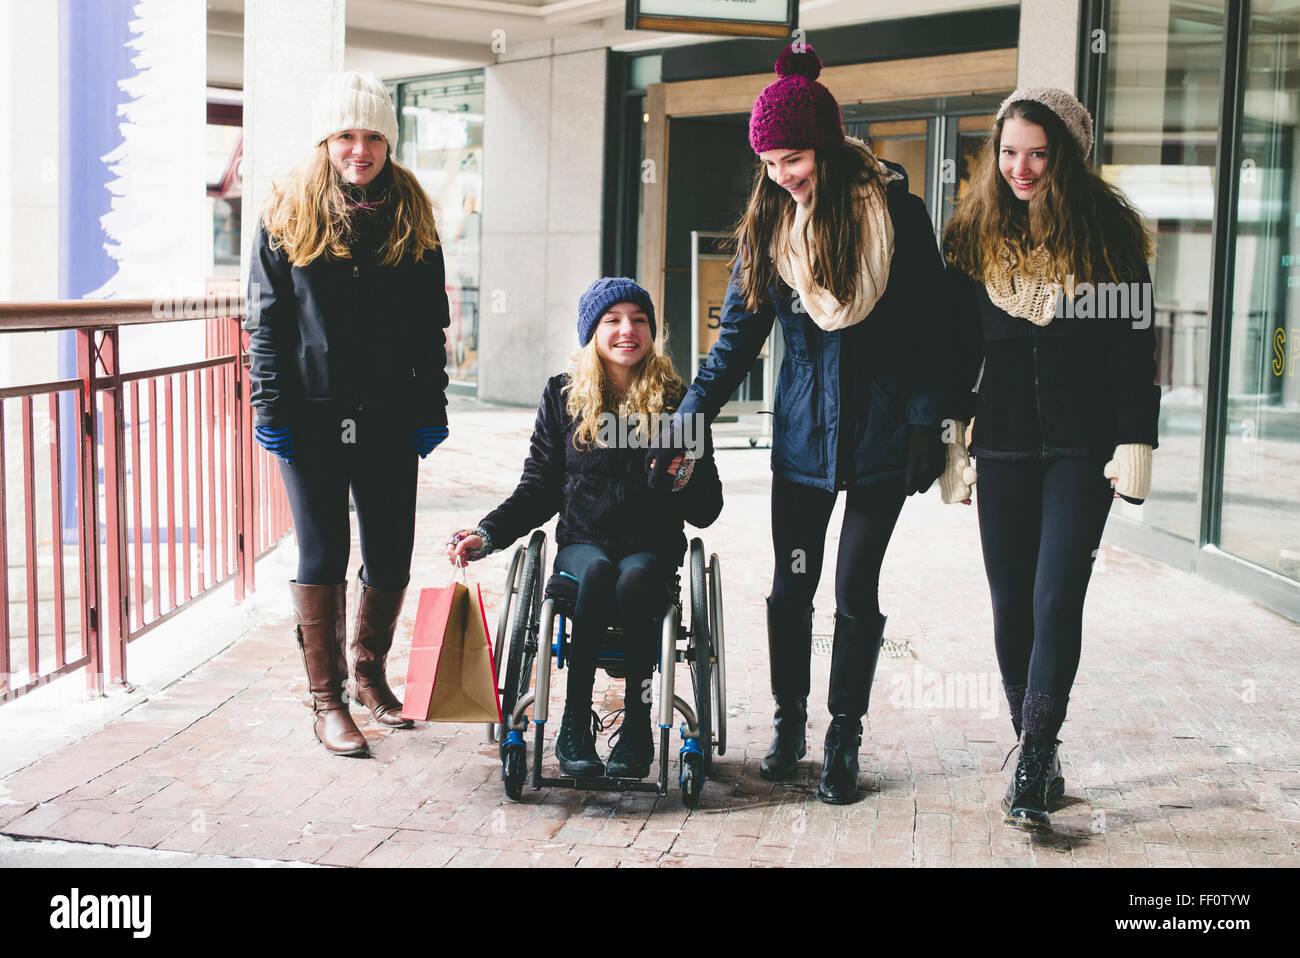 Las niñas caminar y usar silla de ruedas sobre la acera Foto de stock